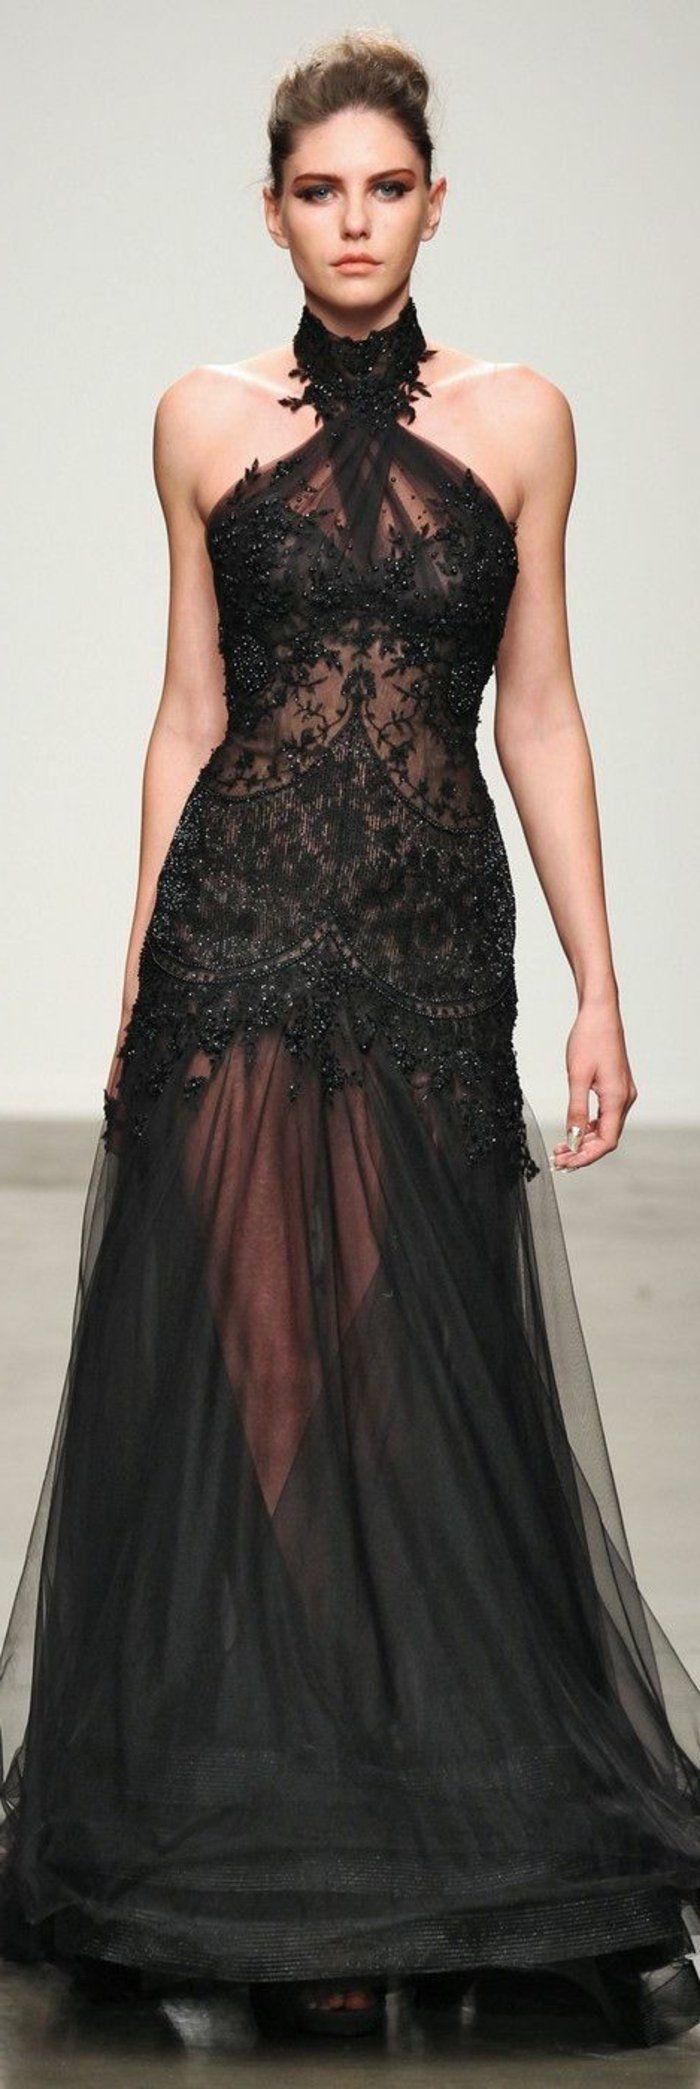 robe cocktail mariage elegante de couleur noire